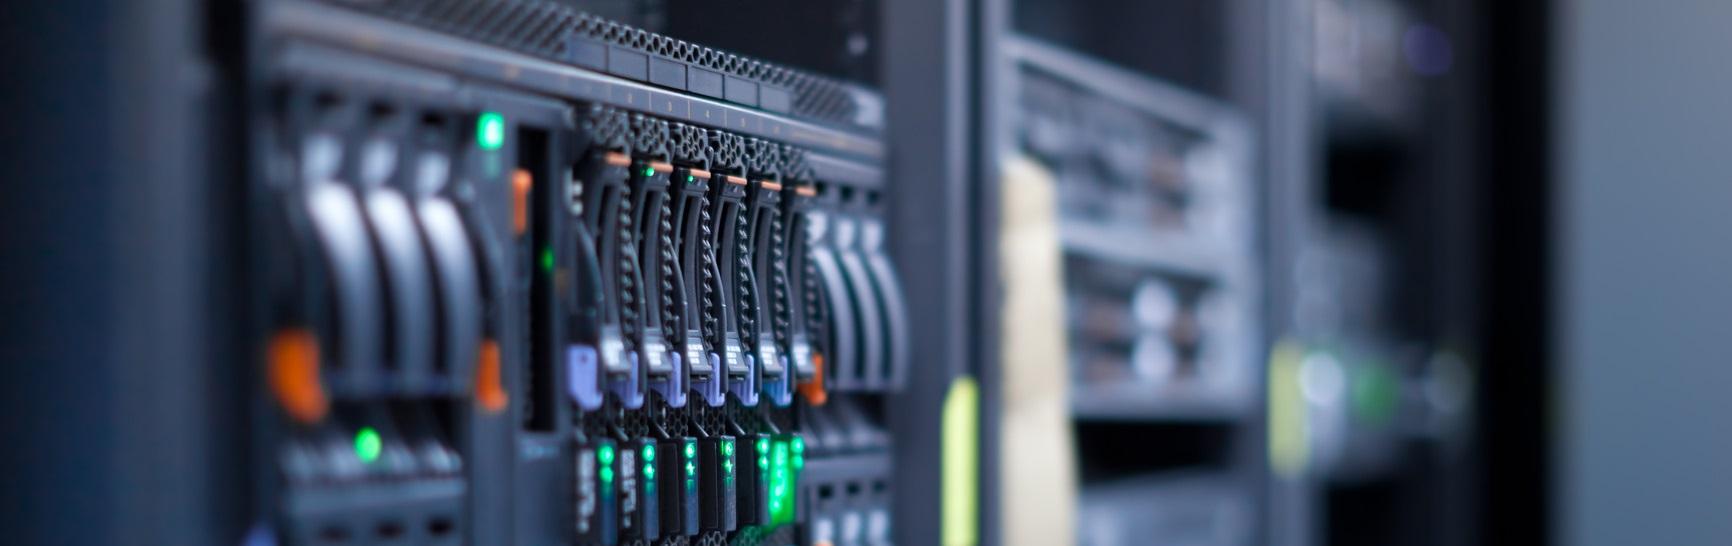 Анализ производительности серверного оборудования